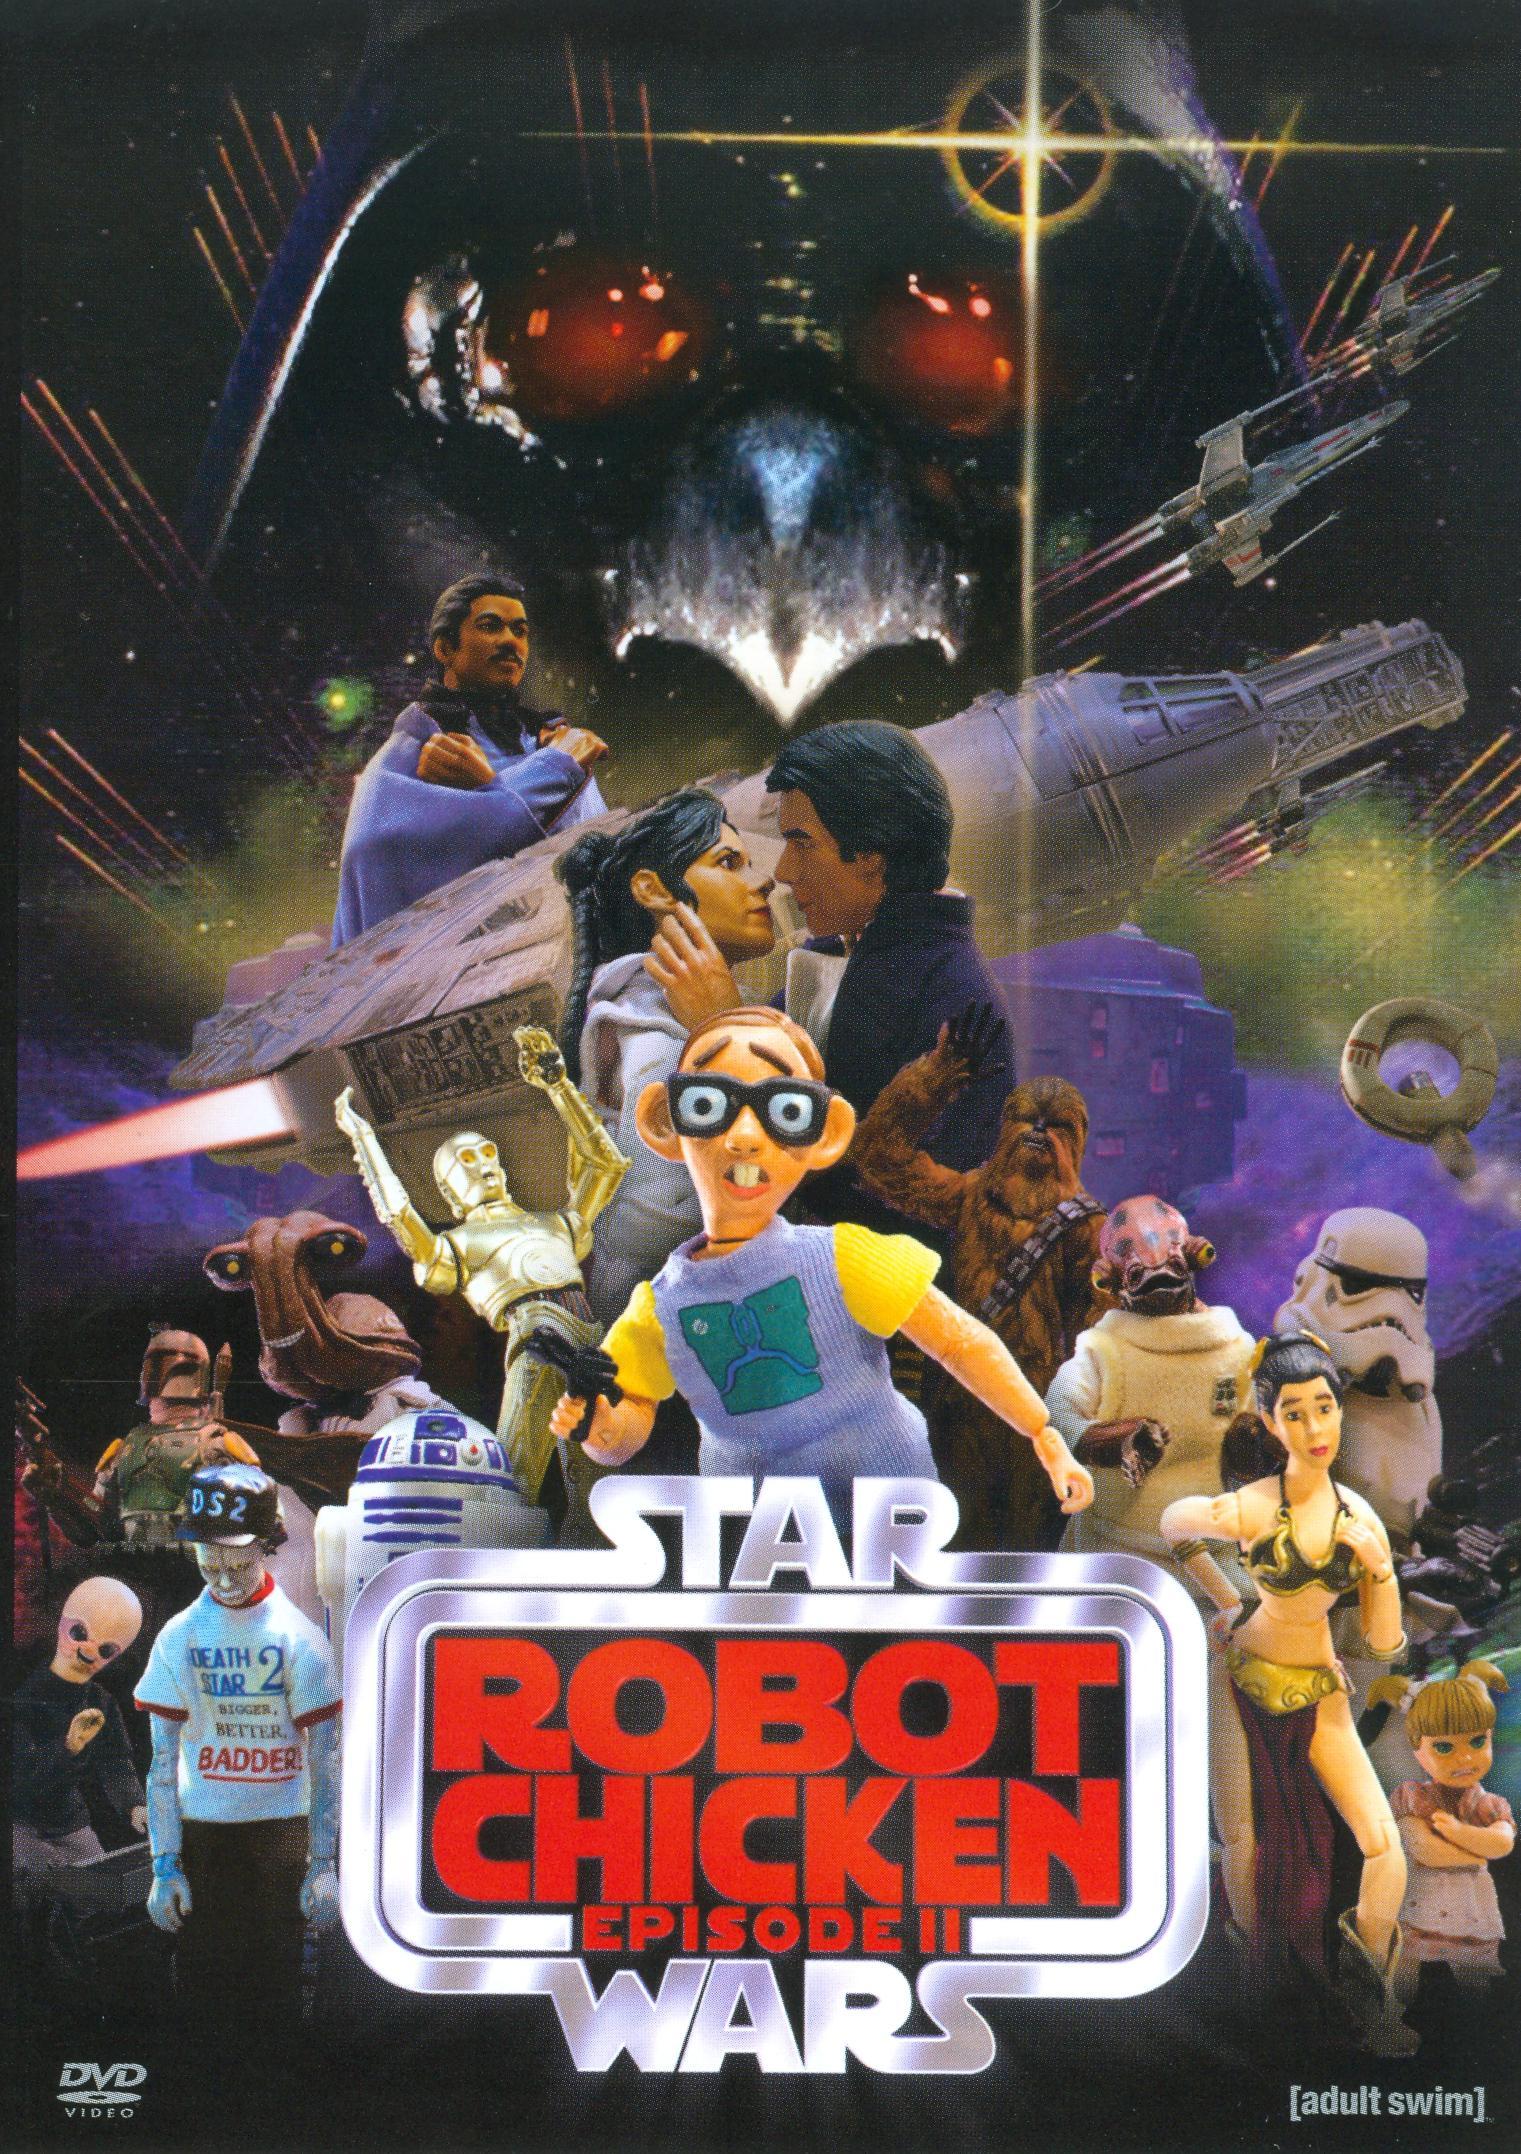 Star Wars » t: порно мультики, й мультики, порно